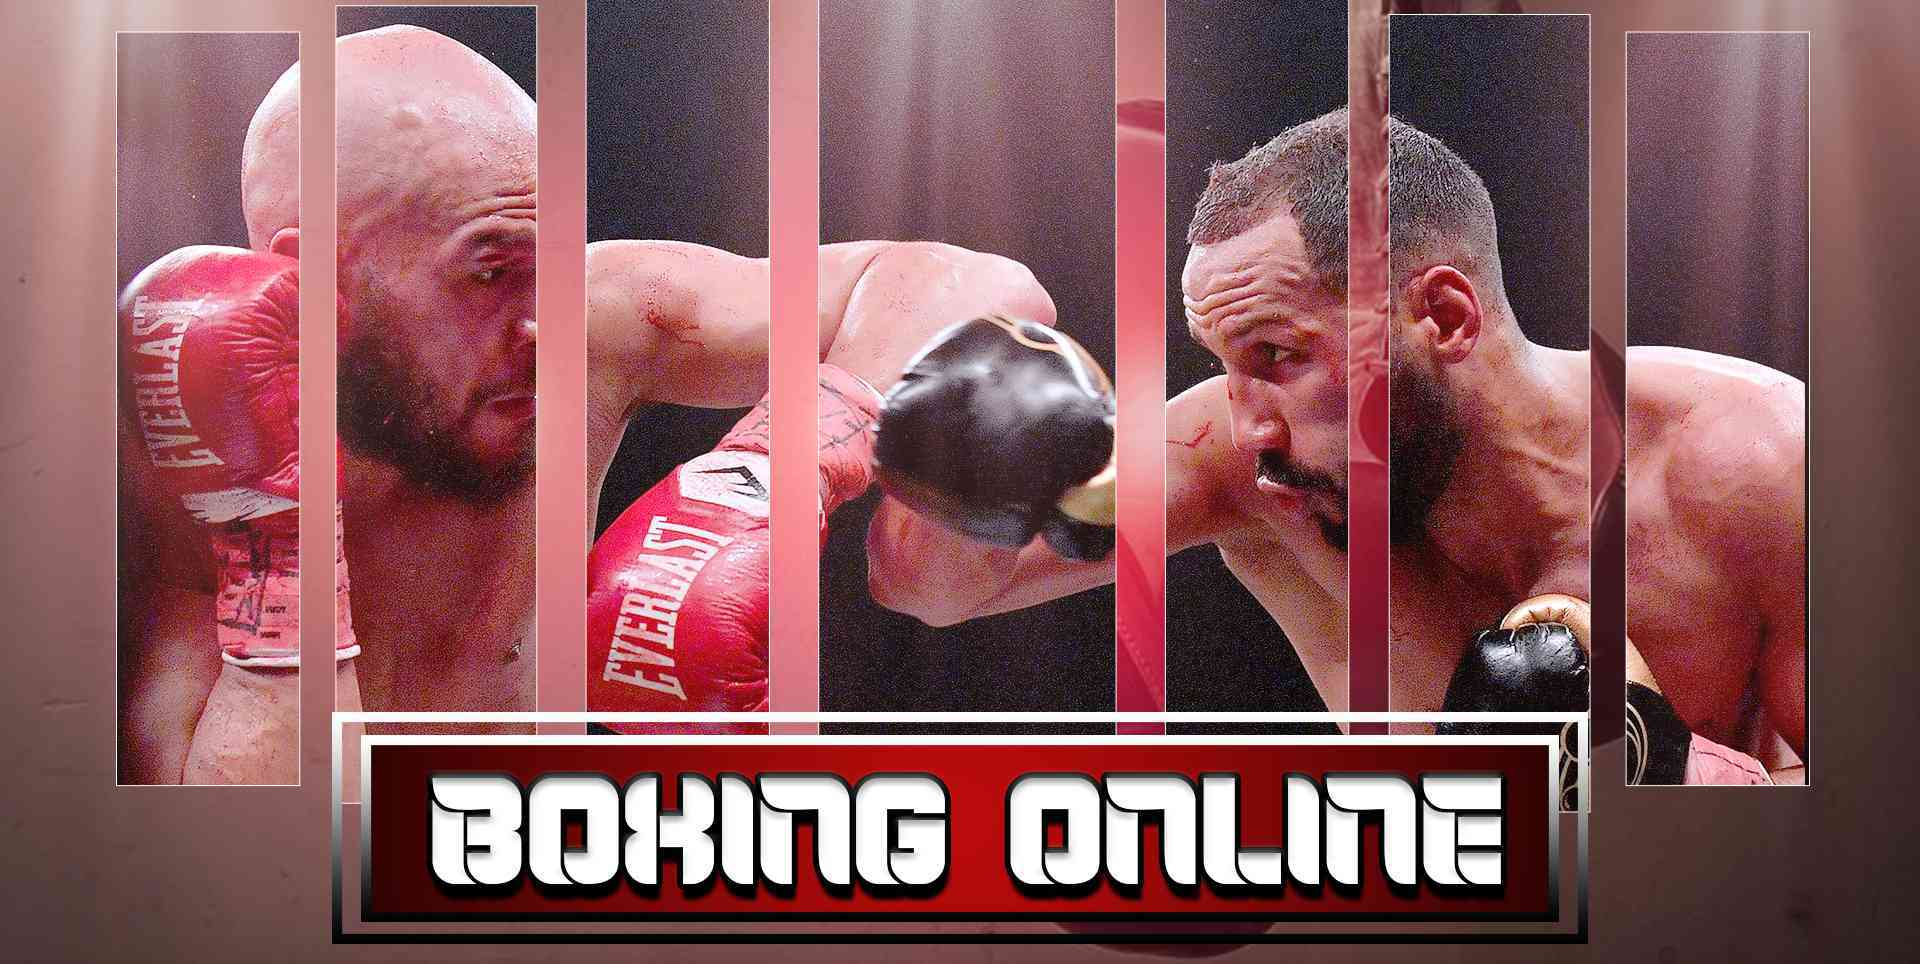 2015 Boxing Martin vs Breazeale Streaming